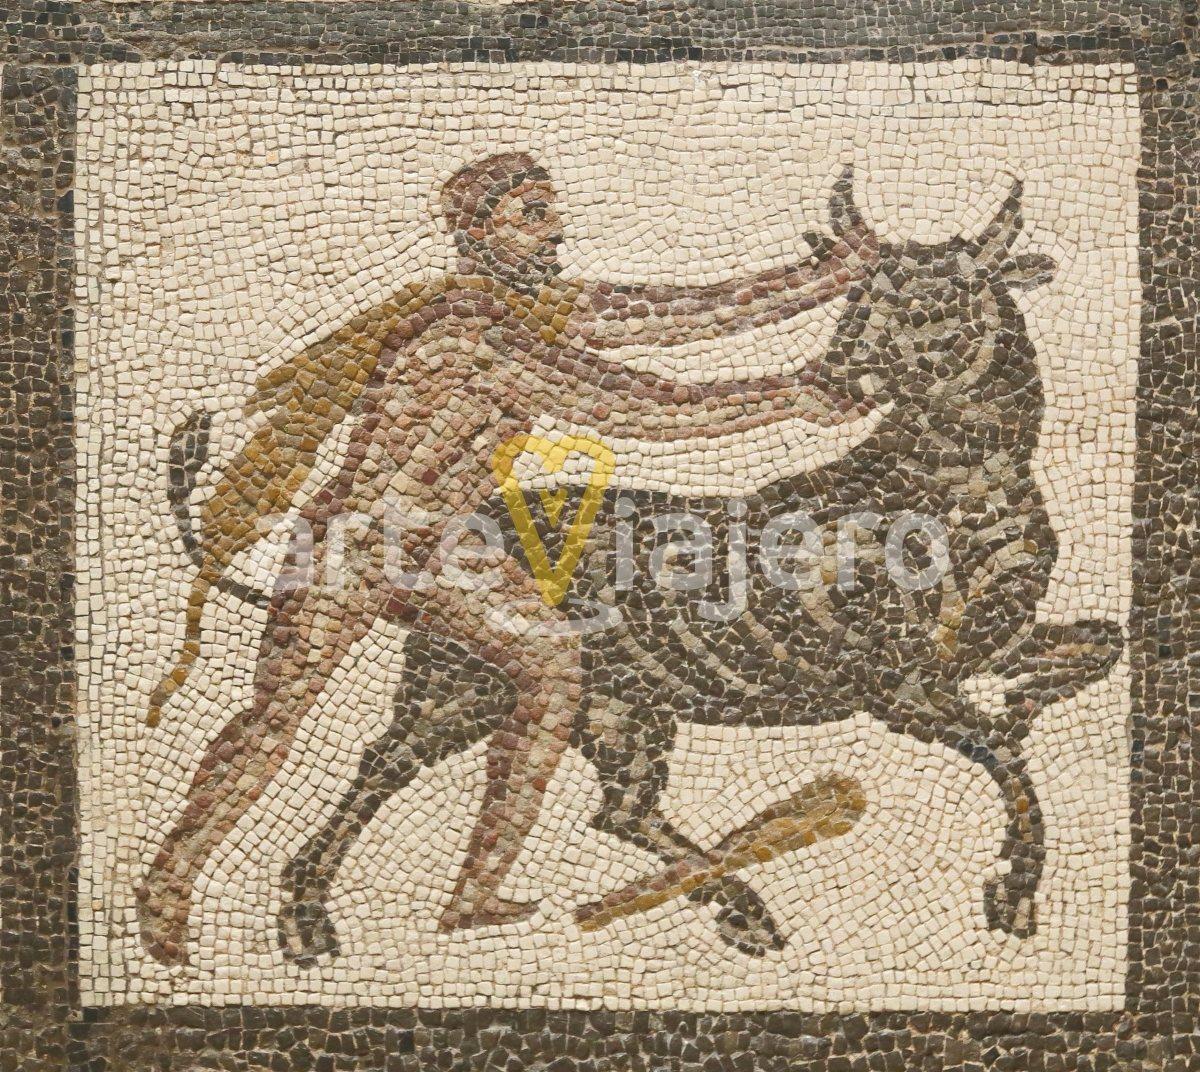 Os doce traballos de Hércules. Vínculos coa Coruña Historia, Mundo Antigo, Mundo Antiguo, Recuncho da historia